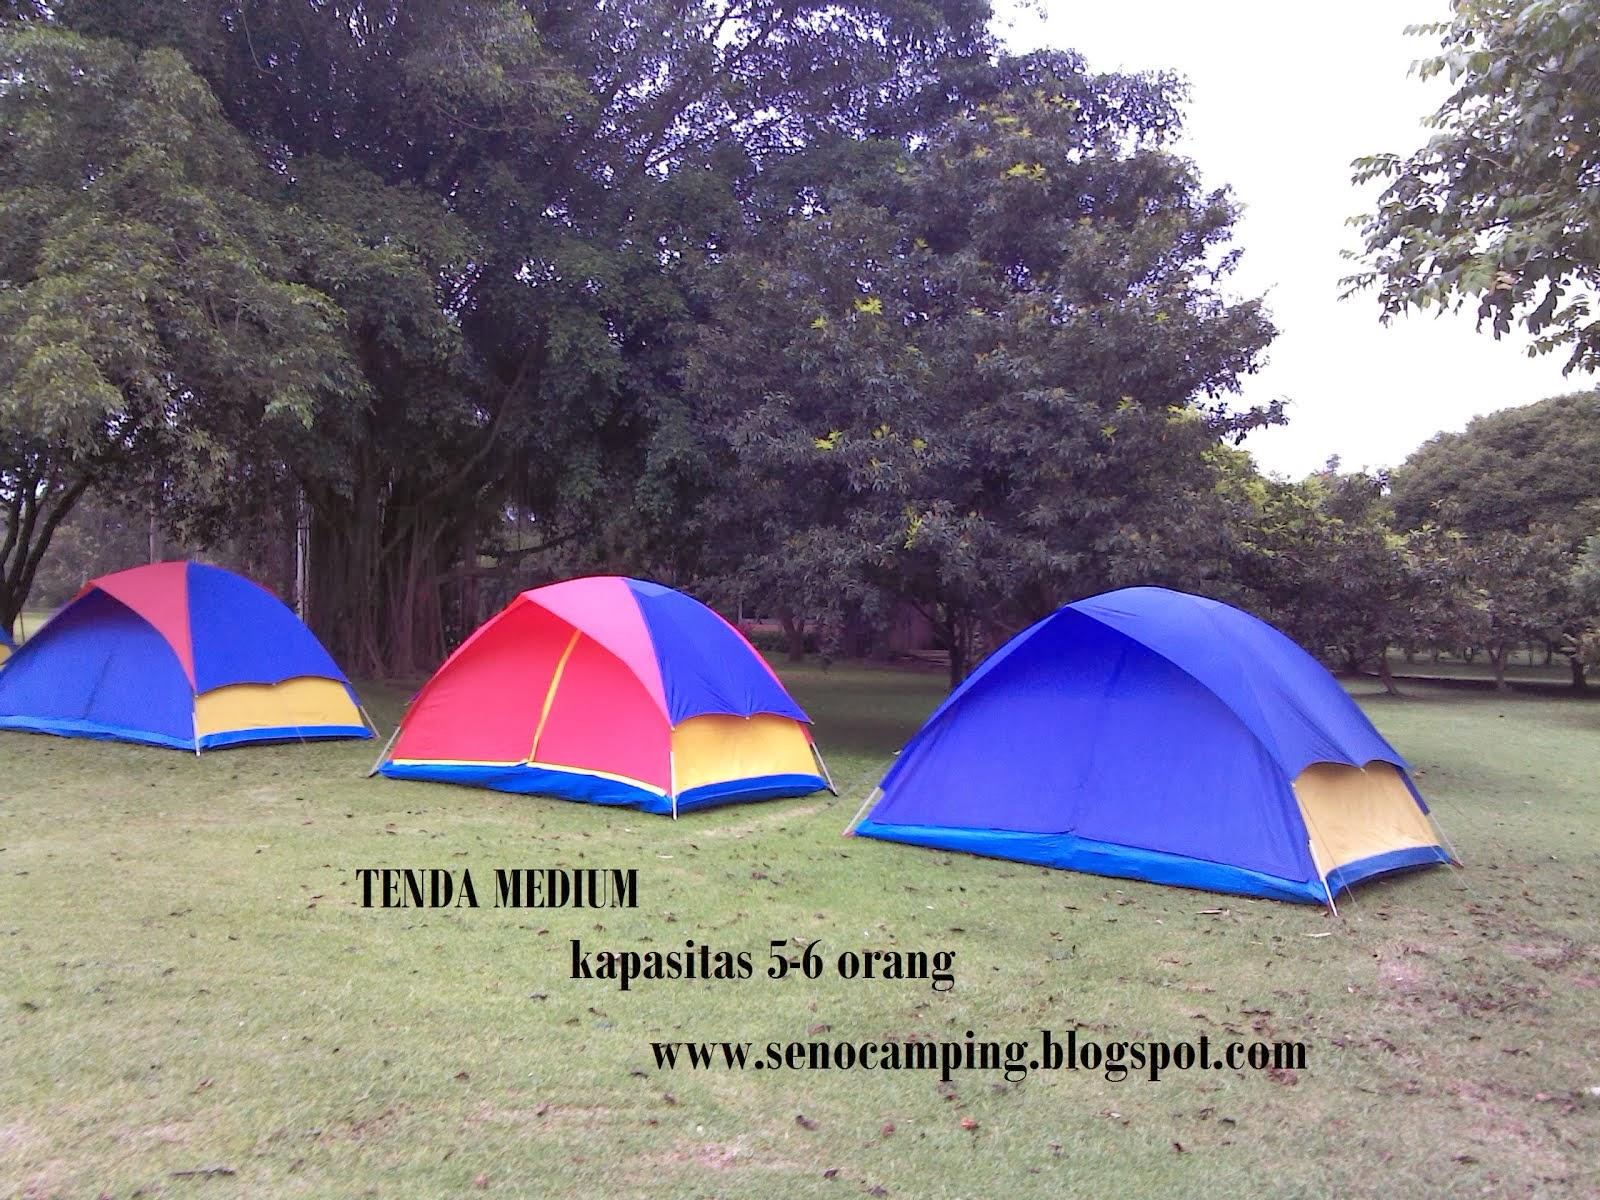 Tenda Medium